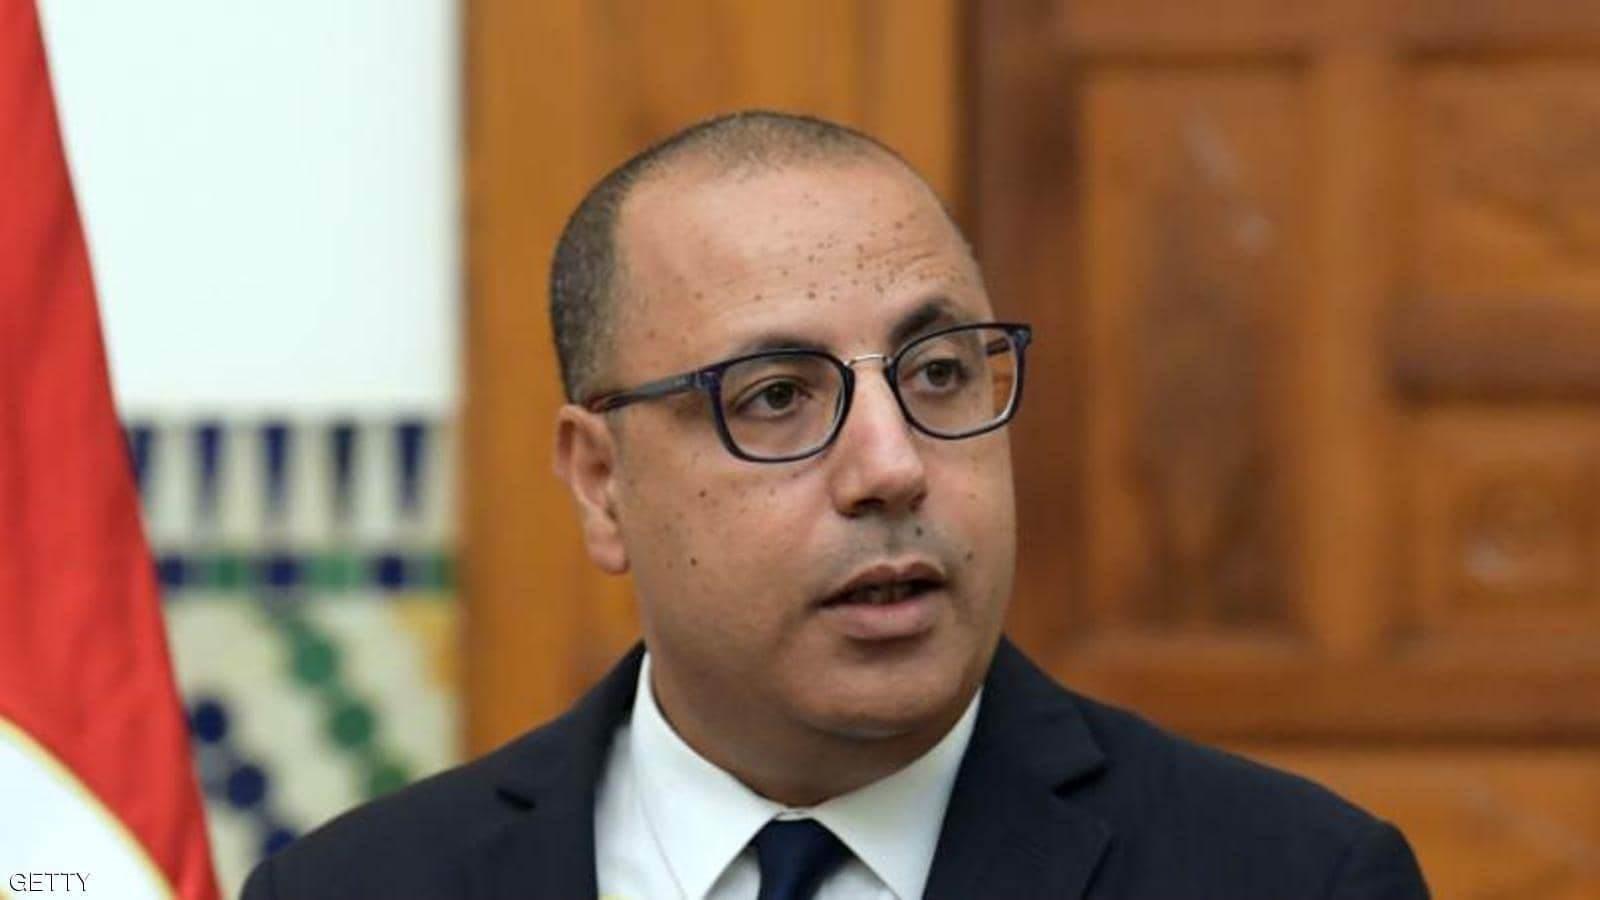 المشيشي يقول إن حكومته تضم كفاءات وطنية مستقلة